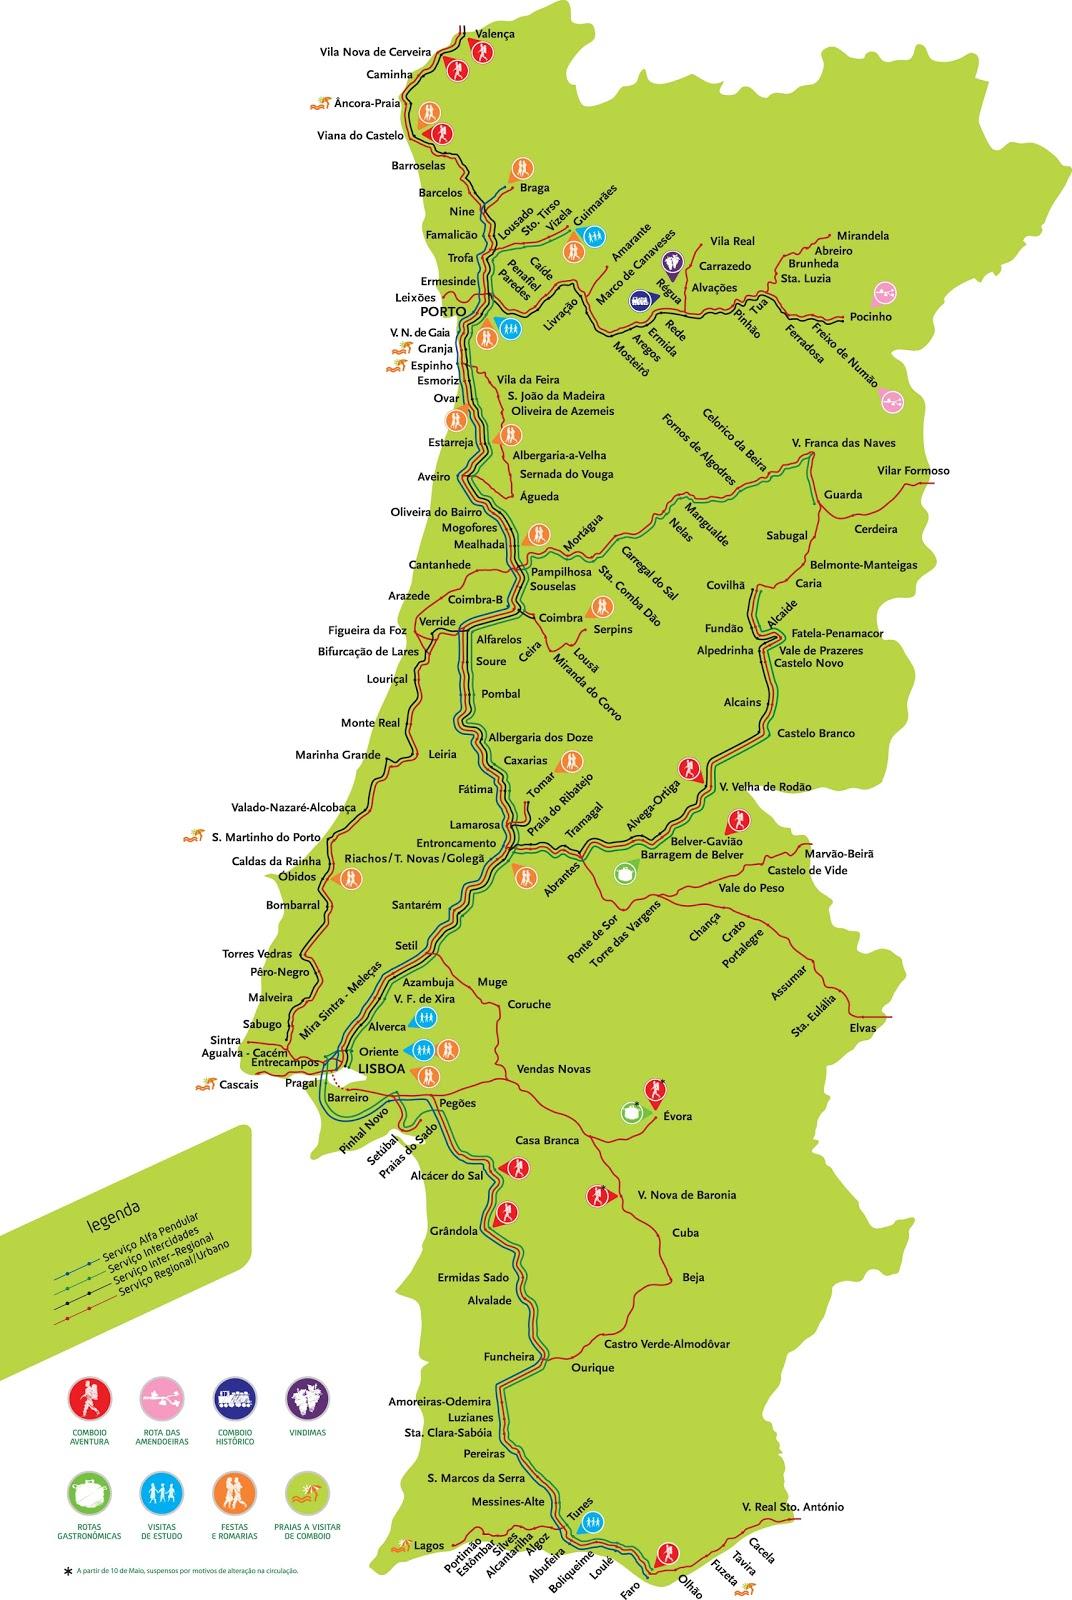 mapa comboios cp Cp Mapa Linhas | thujamassages mapa comboios cp